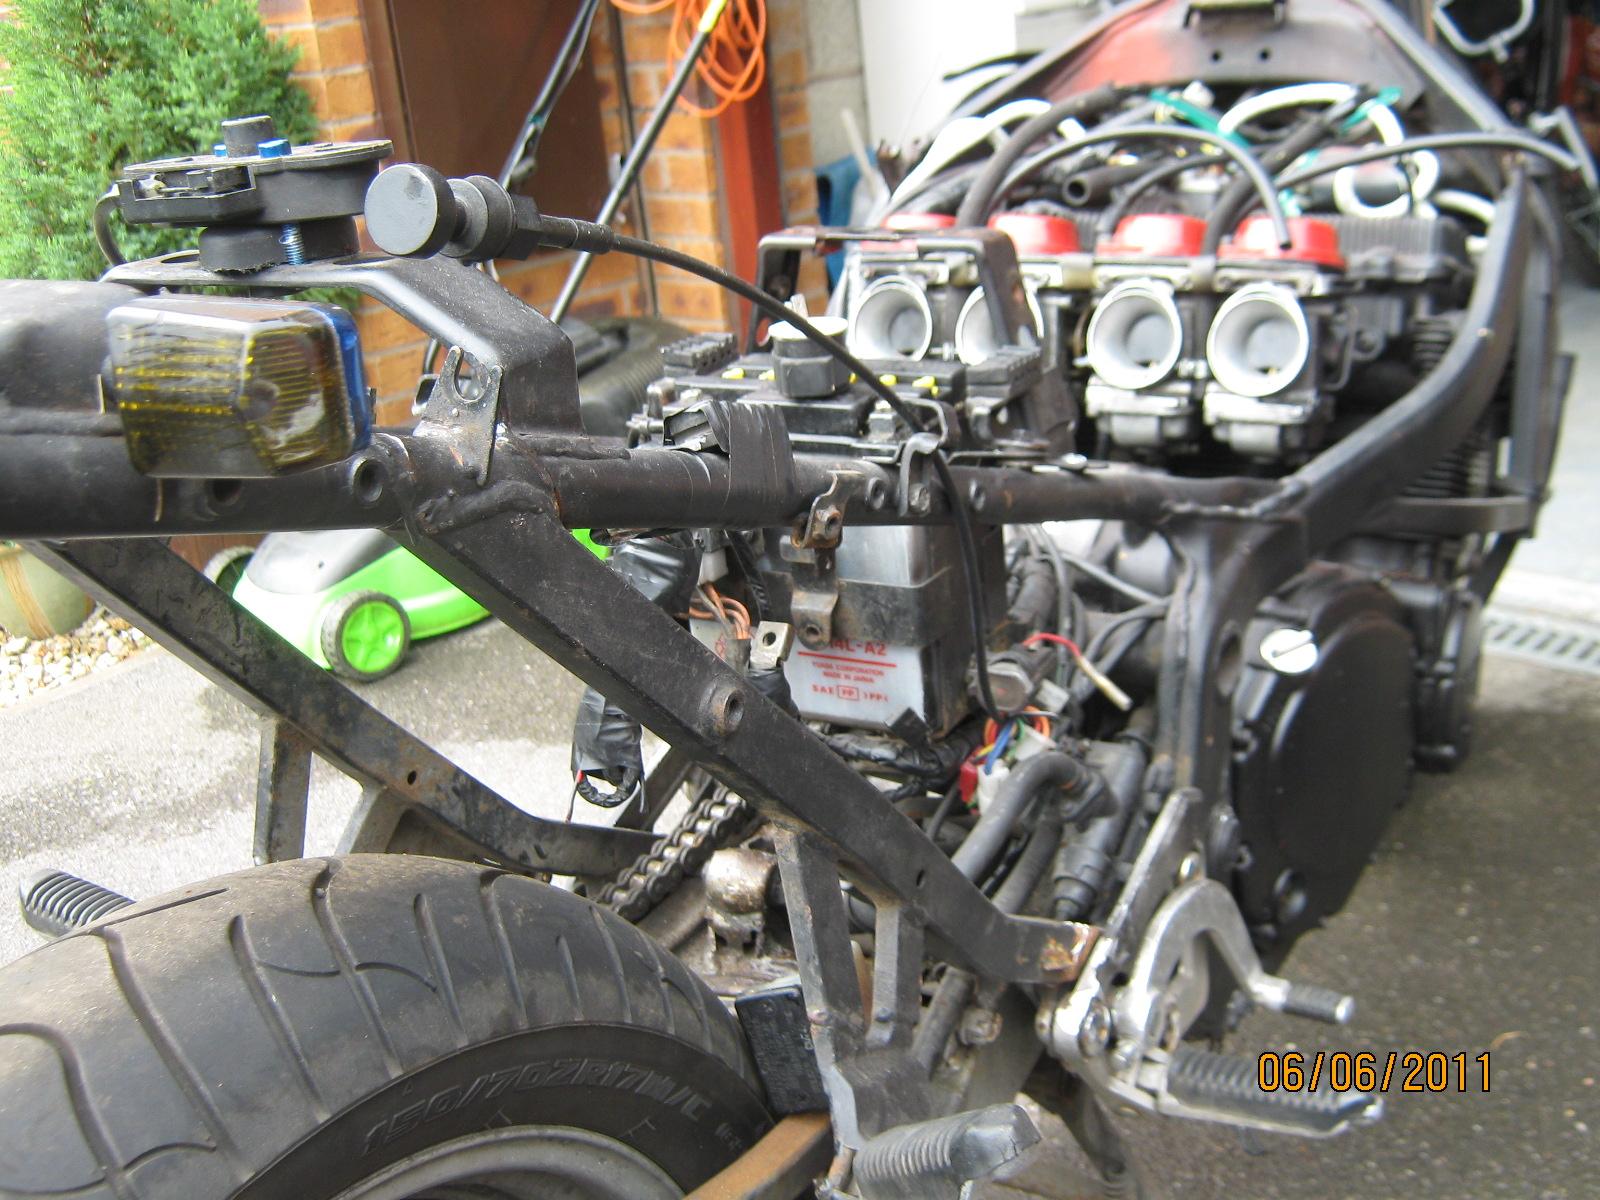 medium resolution of suzuki gsx 750 f wiring diagram trusted wiring diagram suzuki lt 125 tires 125 suzuki 4